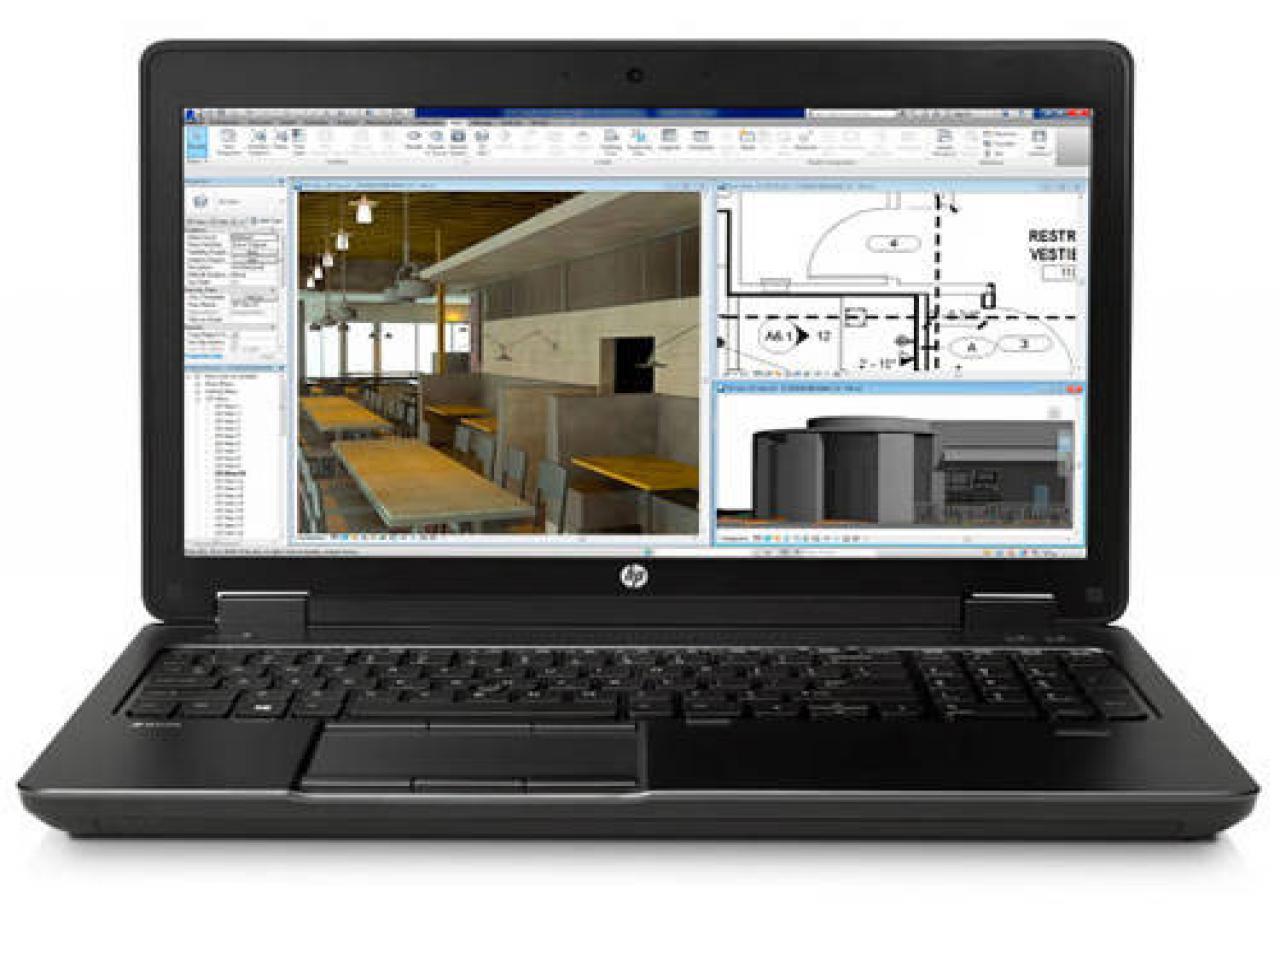 Hewlett Packard ZBook 15 (DC)  - shop.bb-net.de